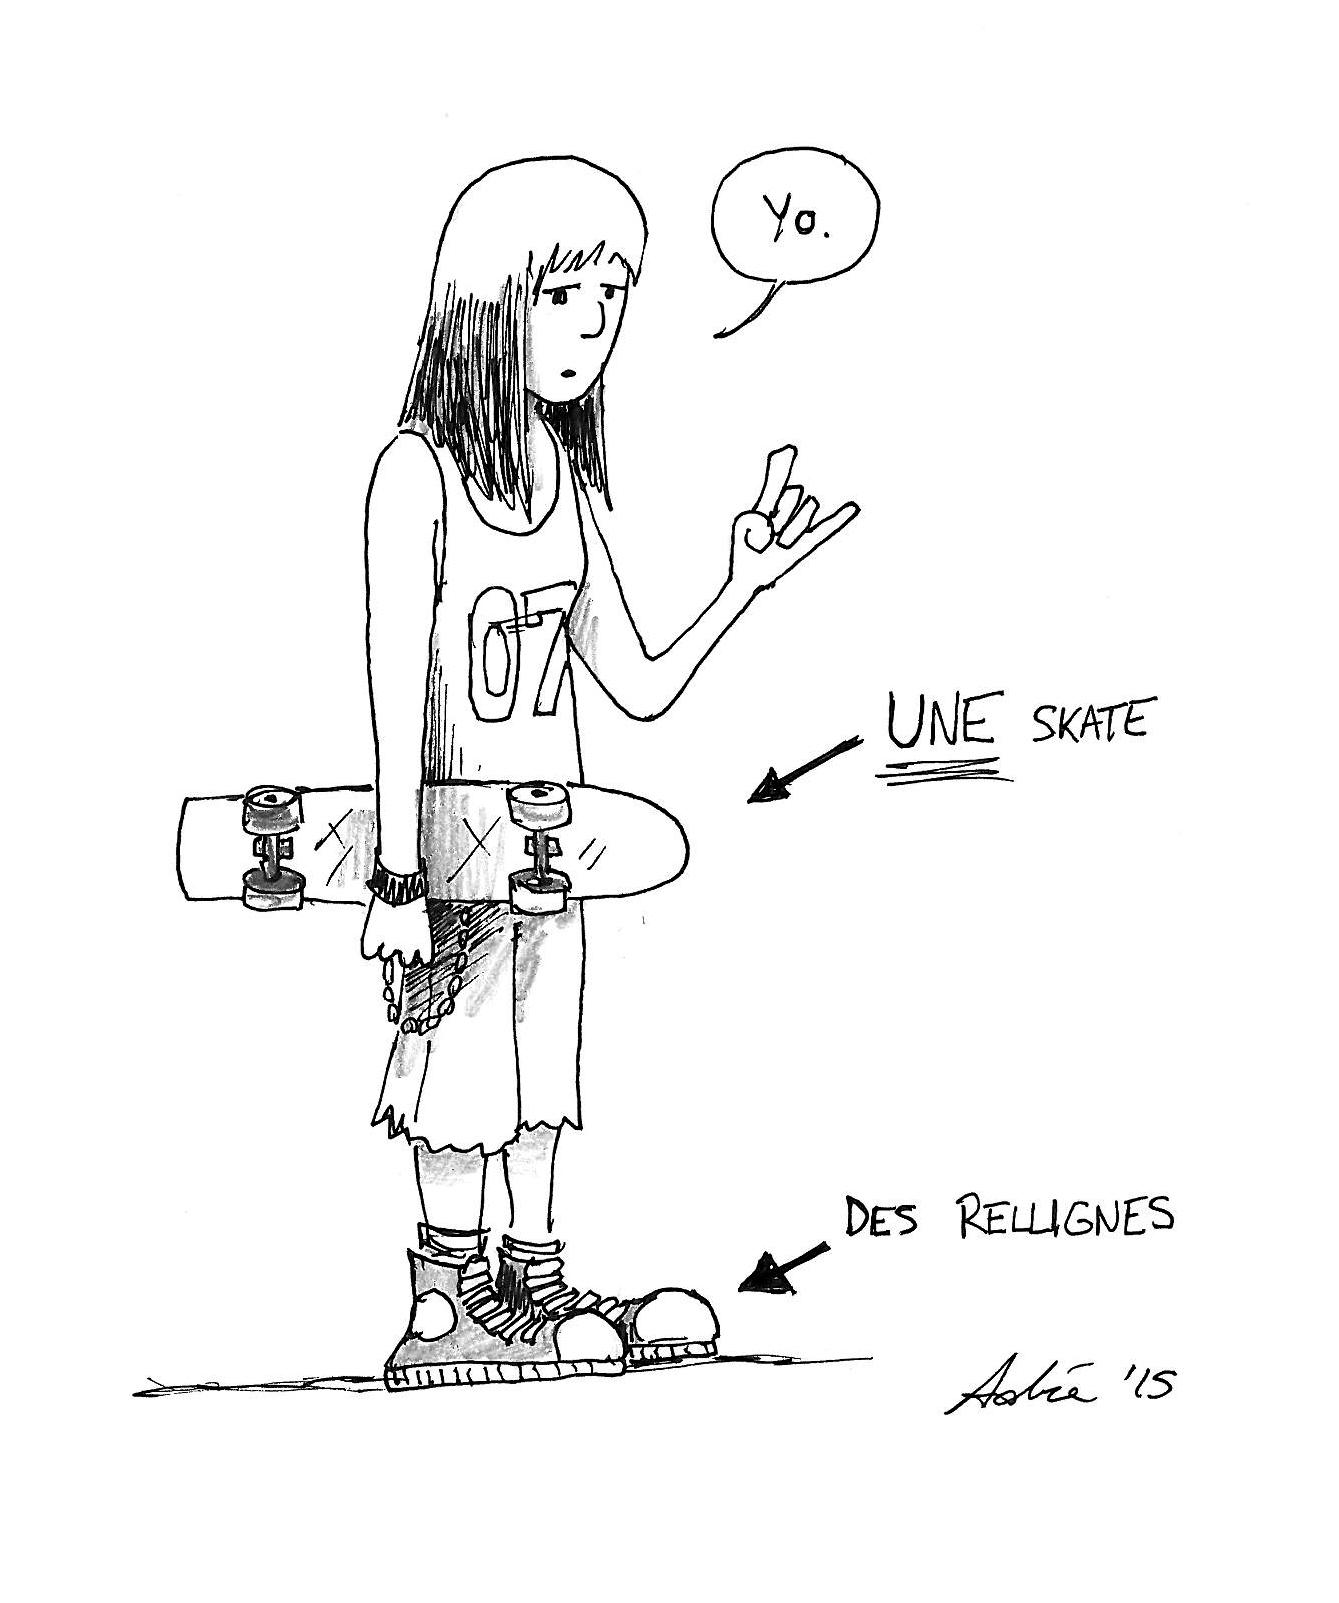 rellignes_une skate